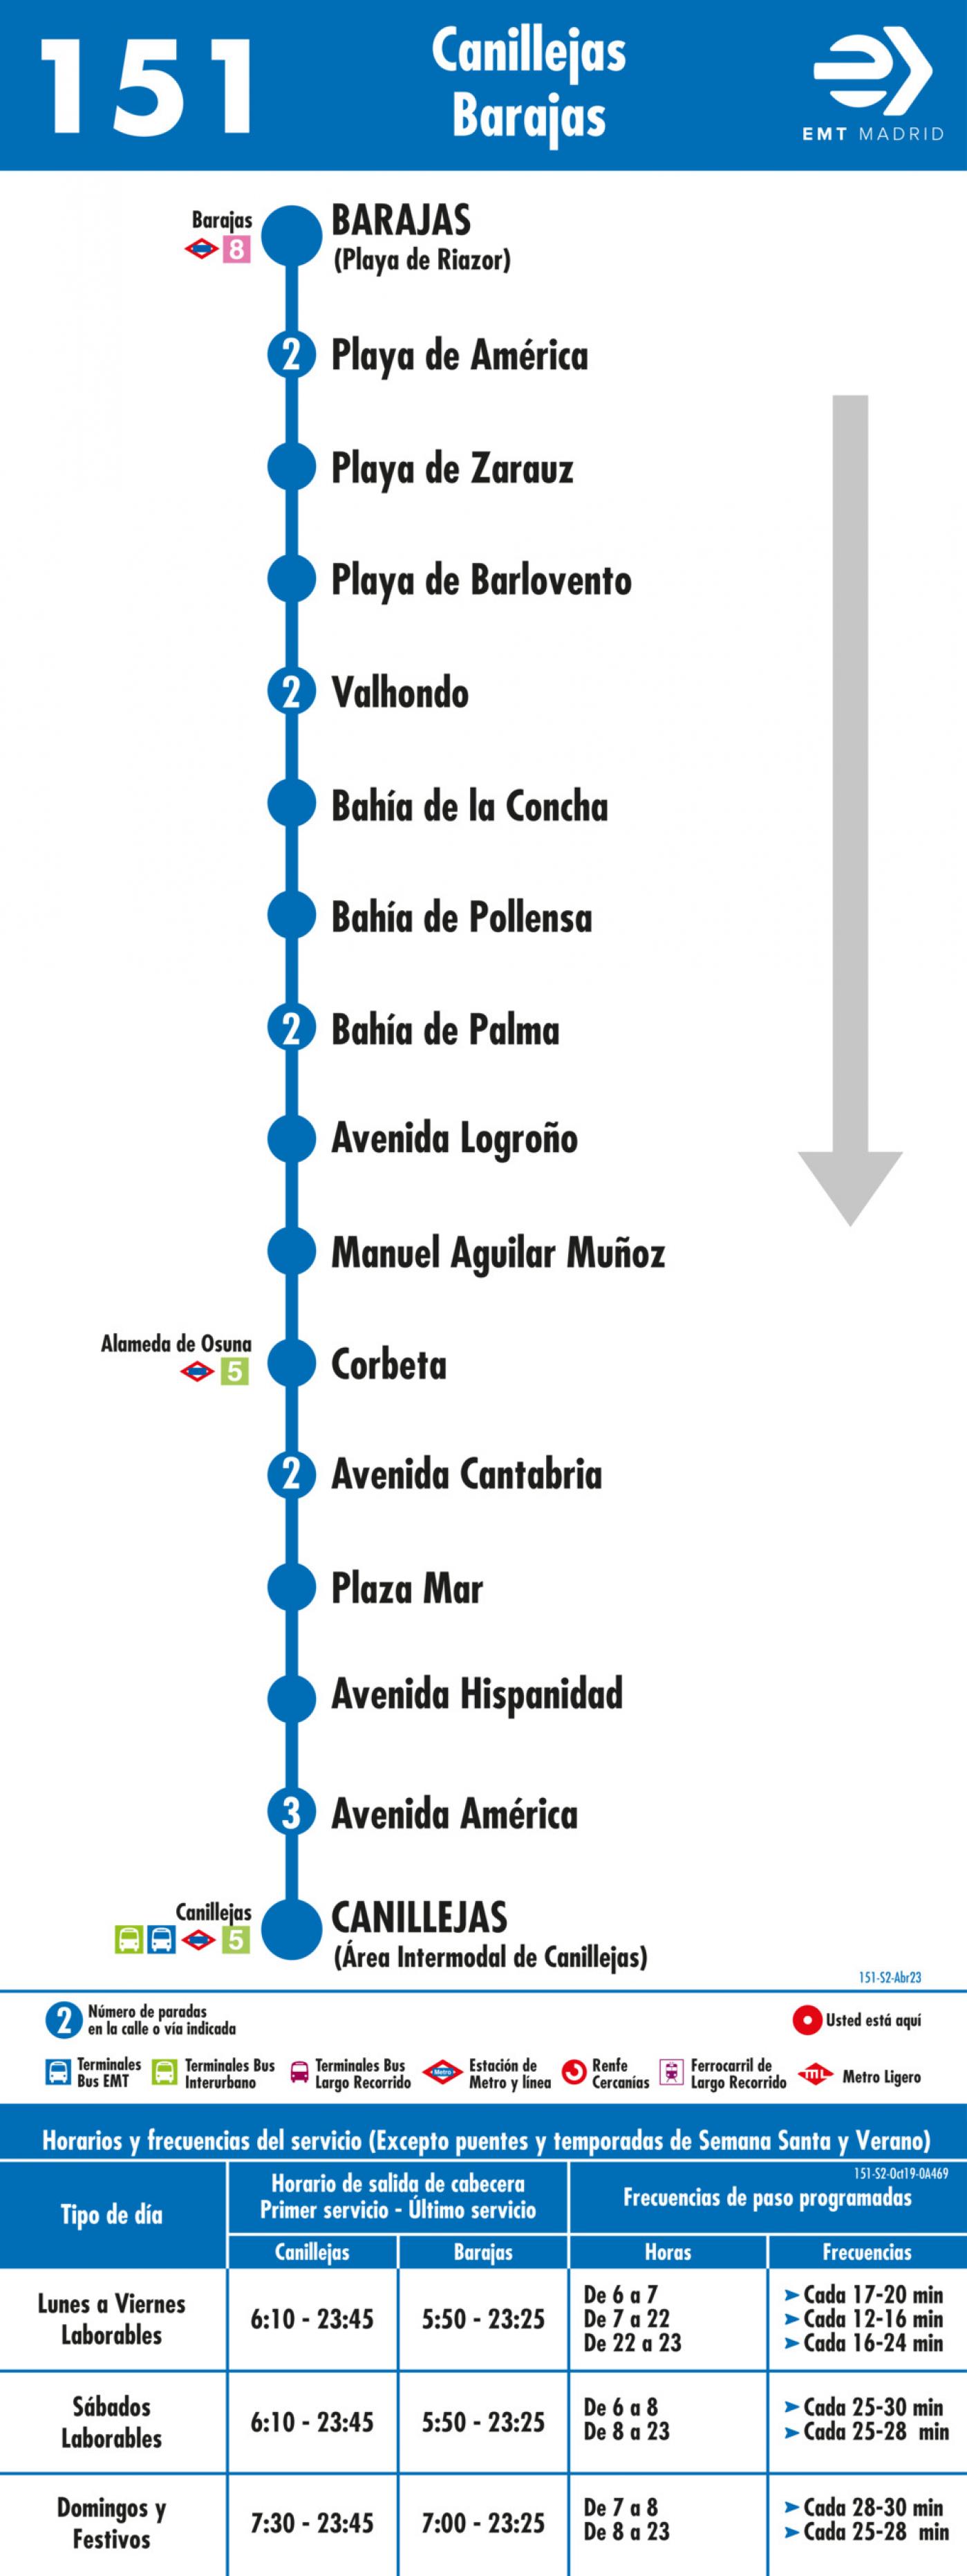 Tabla de horarios y frecuencias de paso en sentido vuelta Línea 151: Canillejas - Barajas